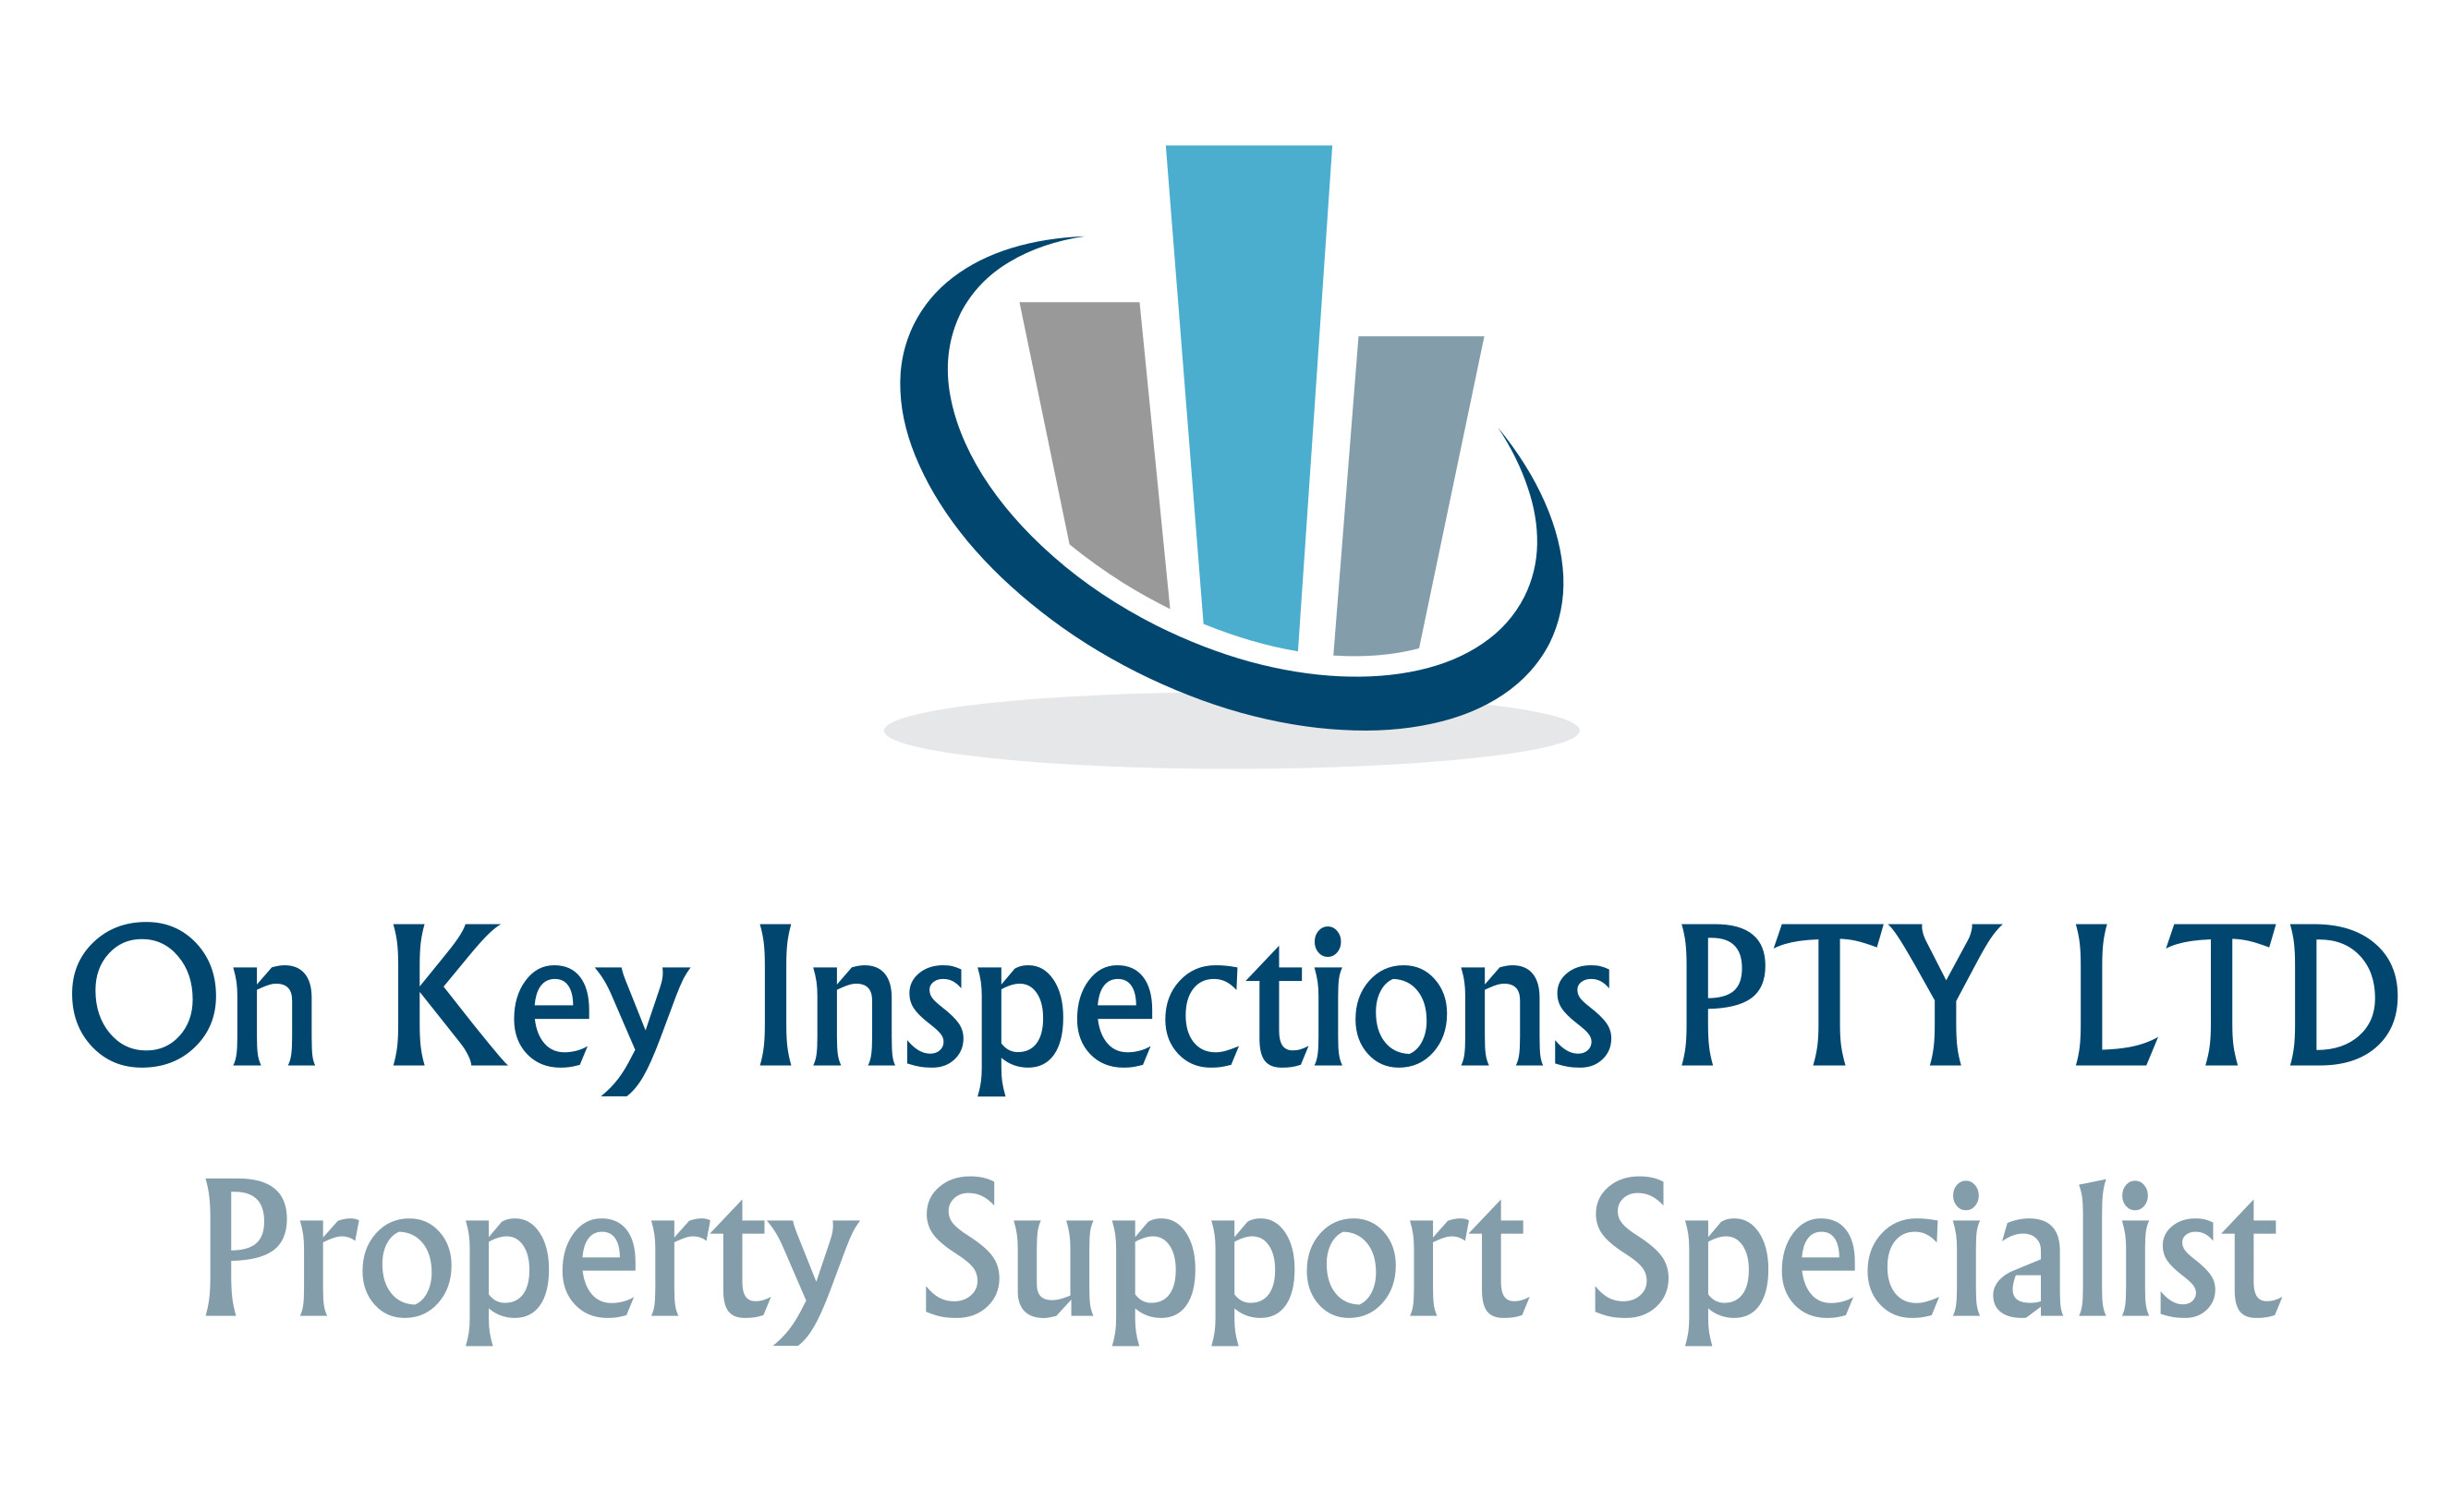 On key inspections PTY LTD, Coomera, 4209